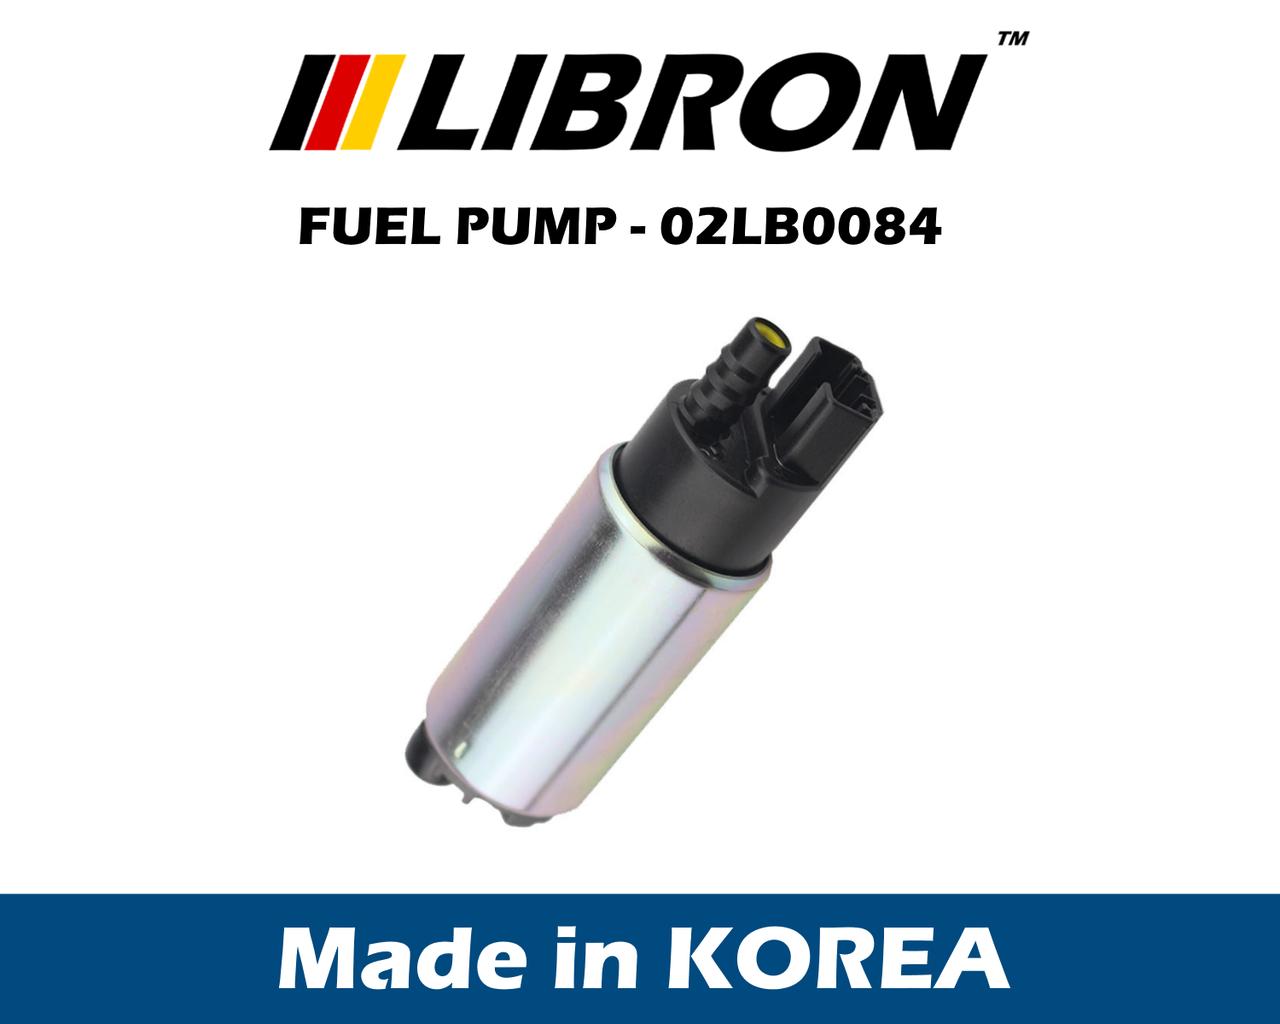 Топливный насос LIBRON 02LB0084 - Киа Прайд